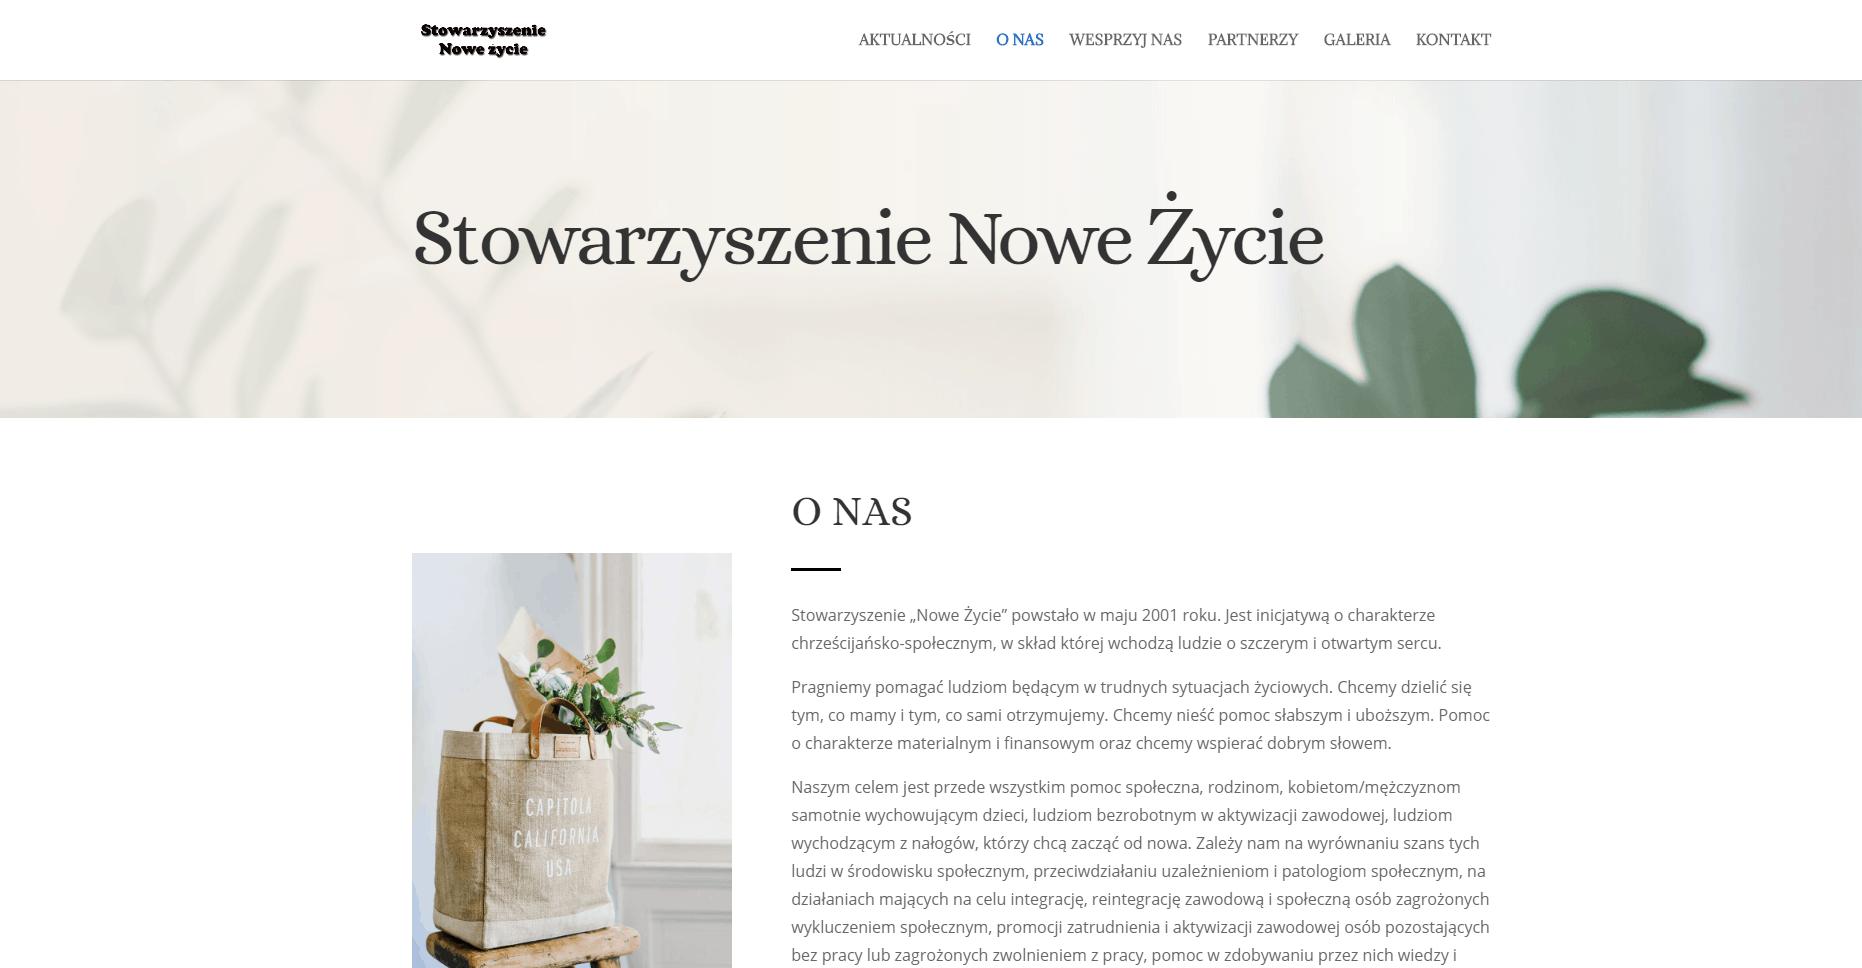 nowezycie.org  - Nasze realizacje